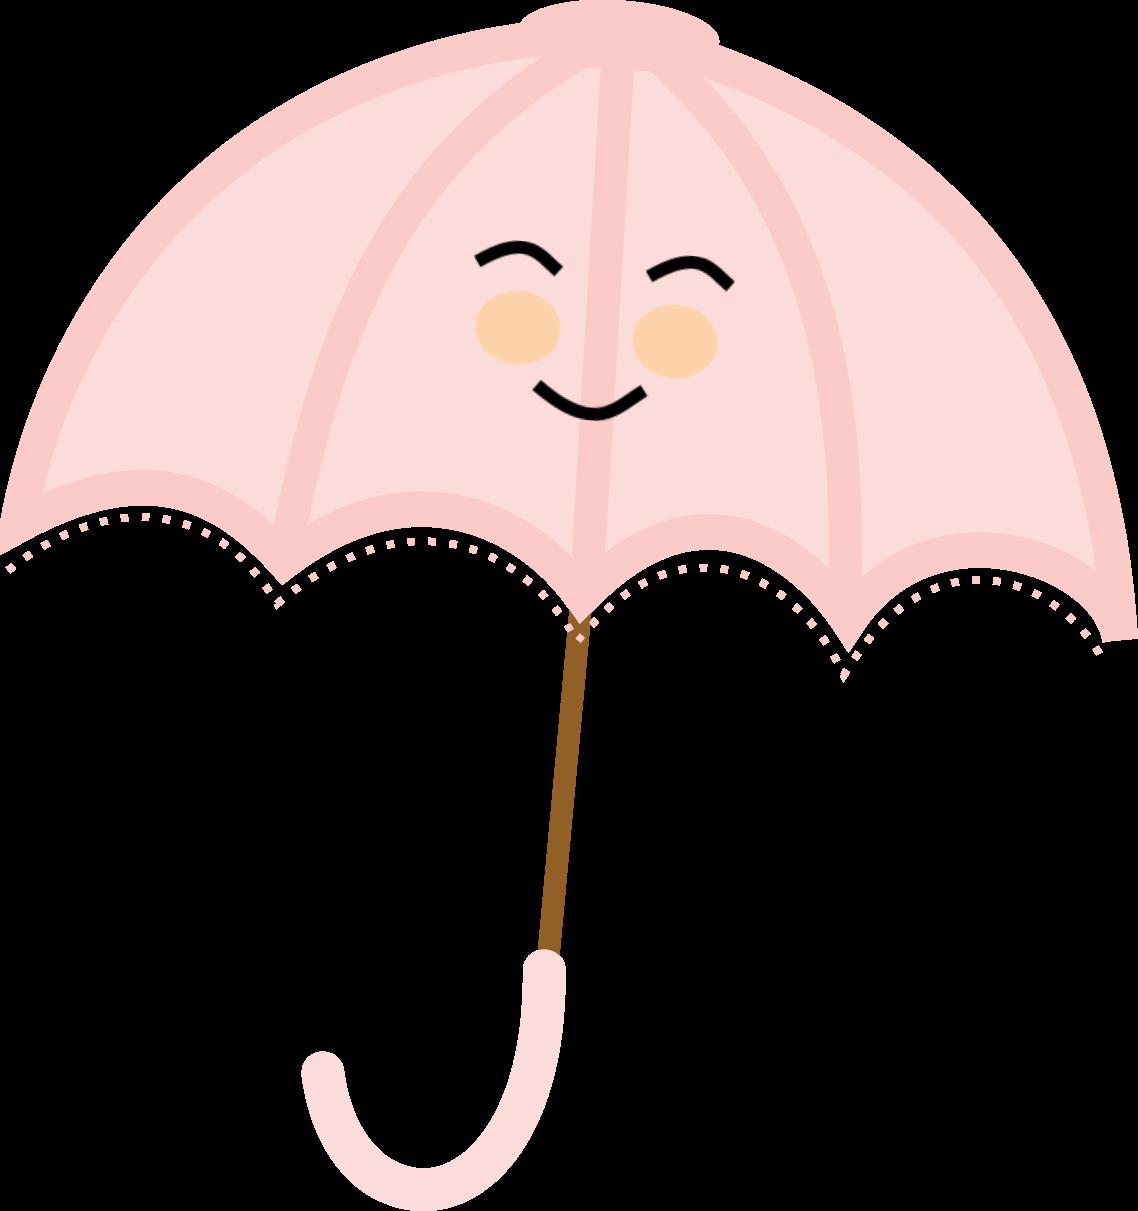 Clipart umbrella rainy clothes. Rain cloud love blessing